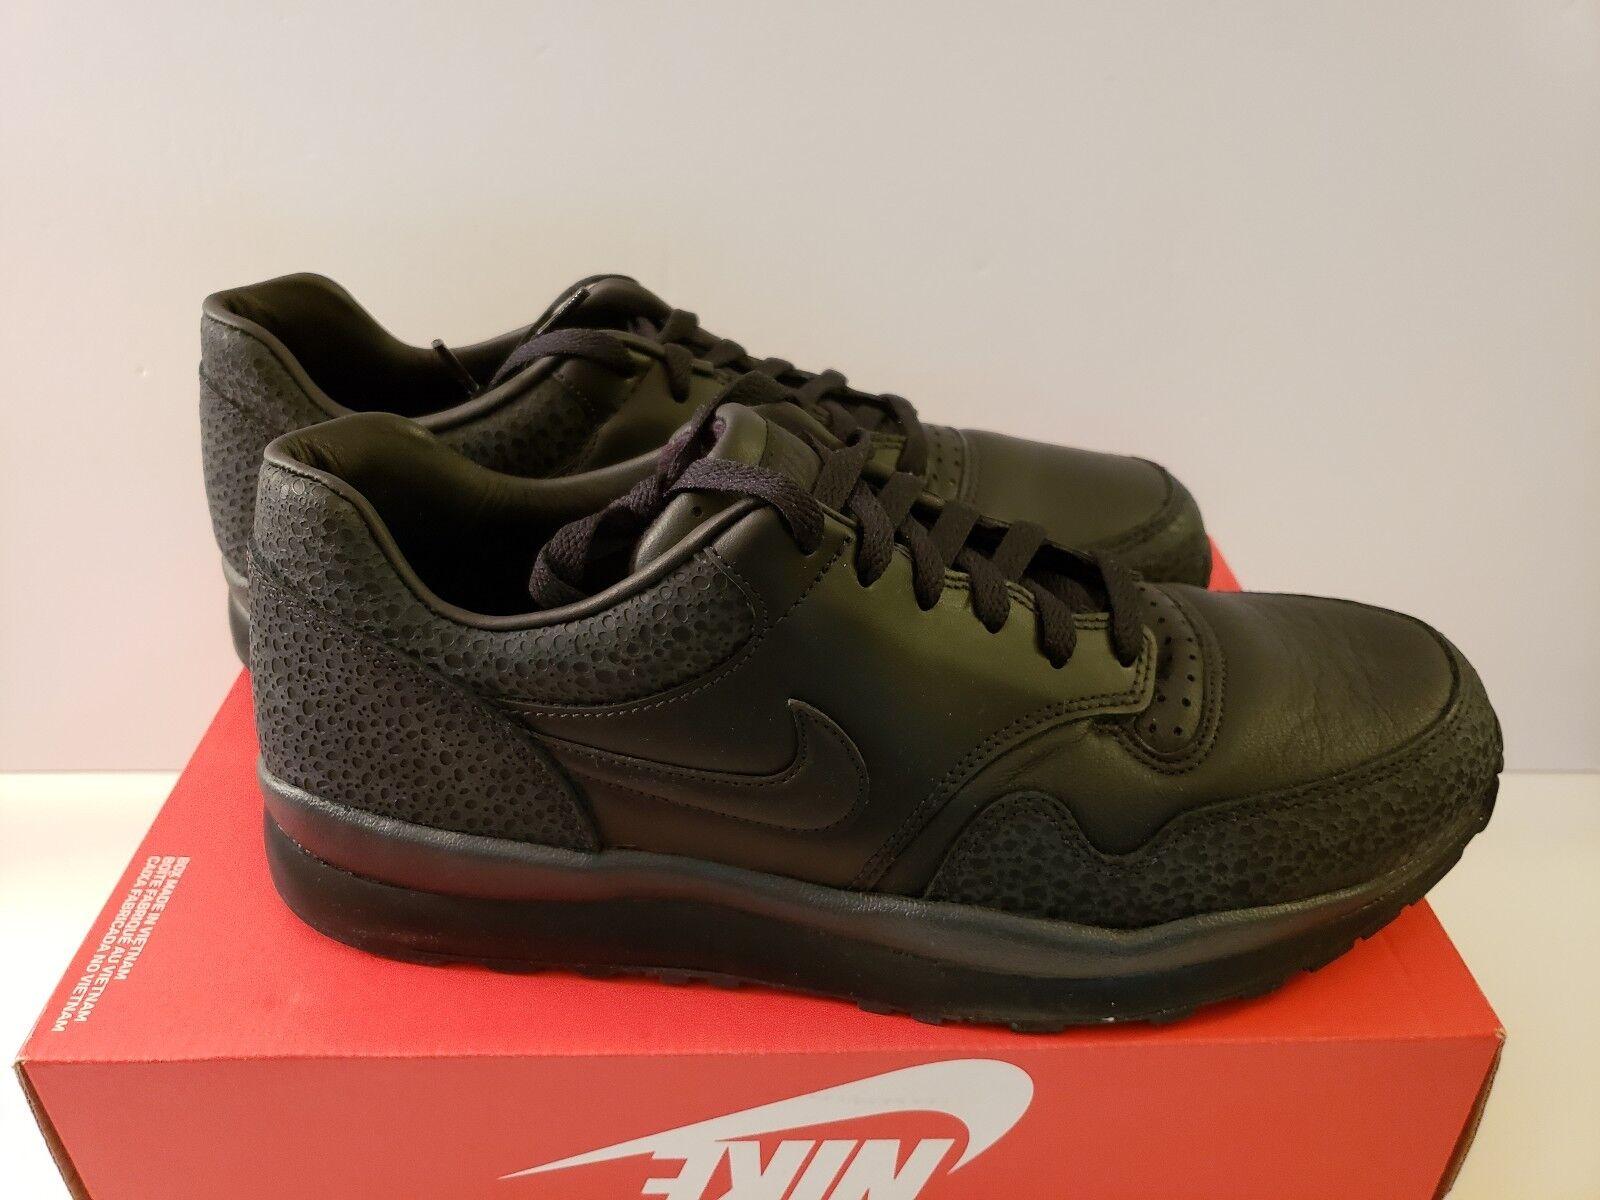 Nike air safari qs taglia 12 nero antracite ao3295-002 scarpe da corsa degli uomini